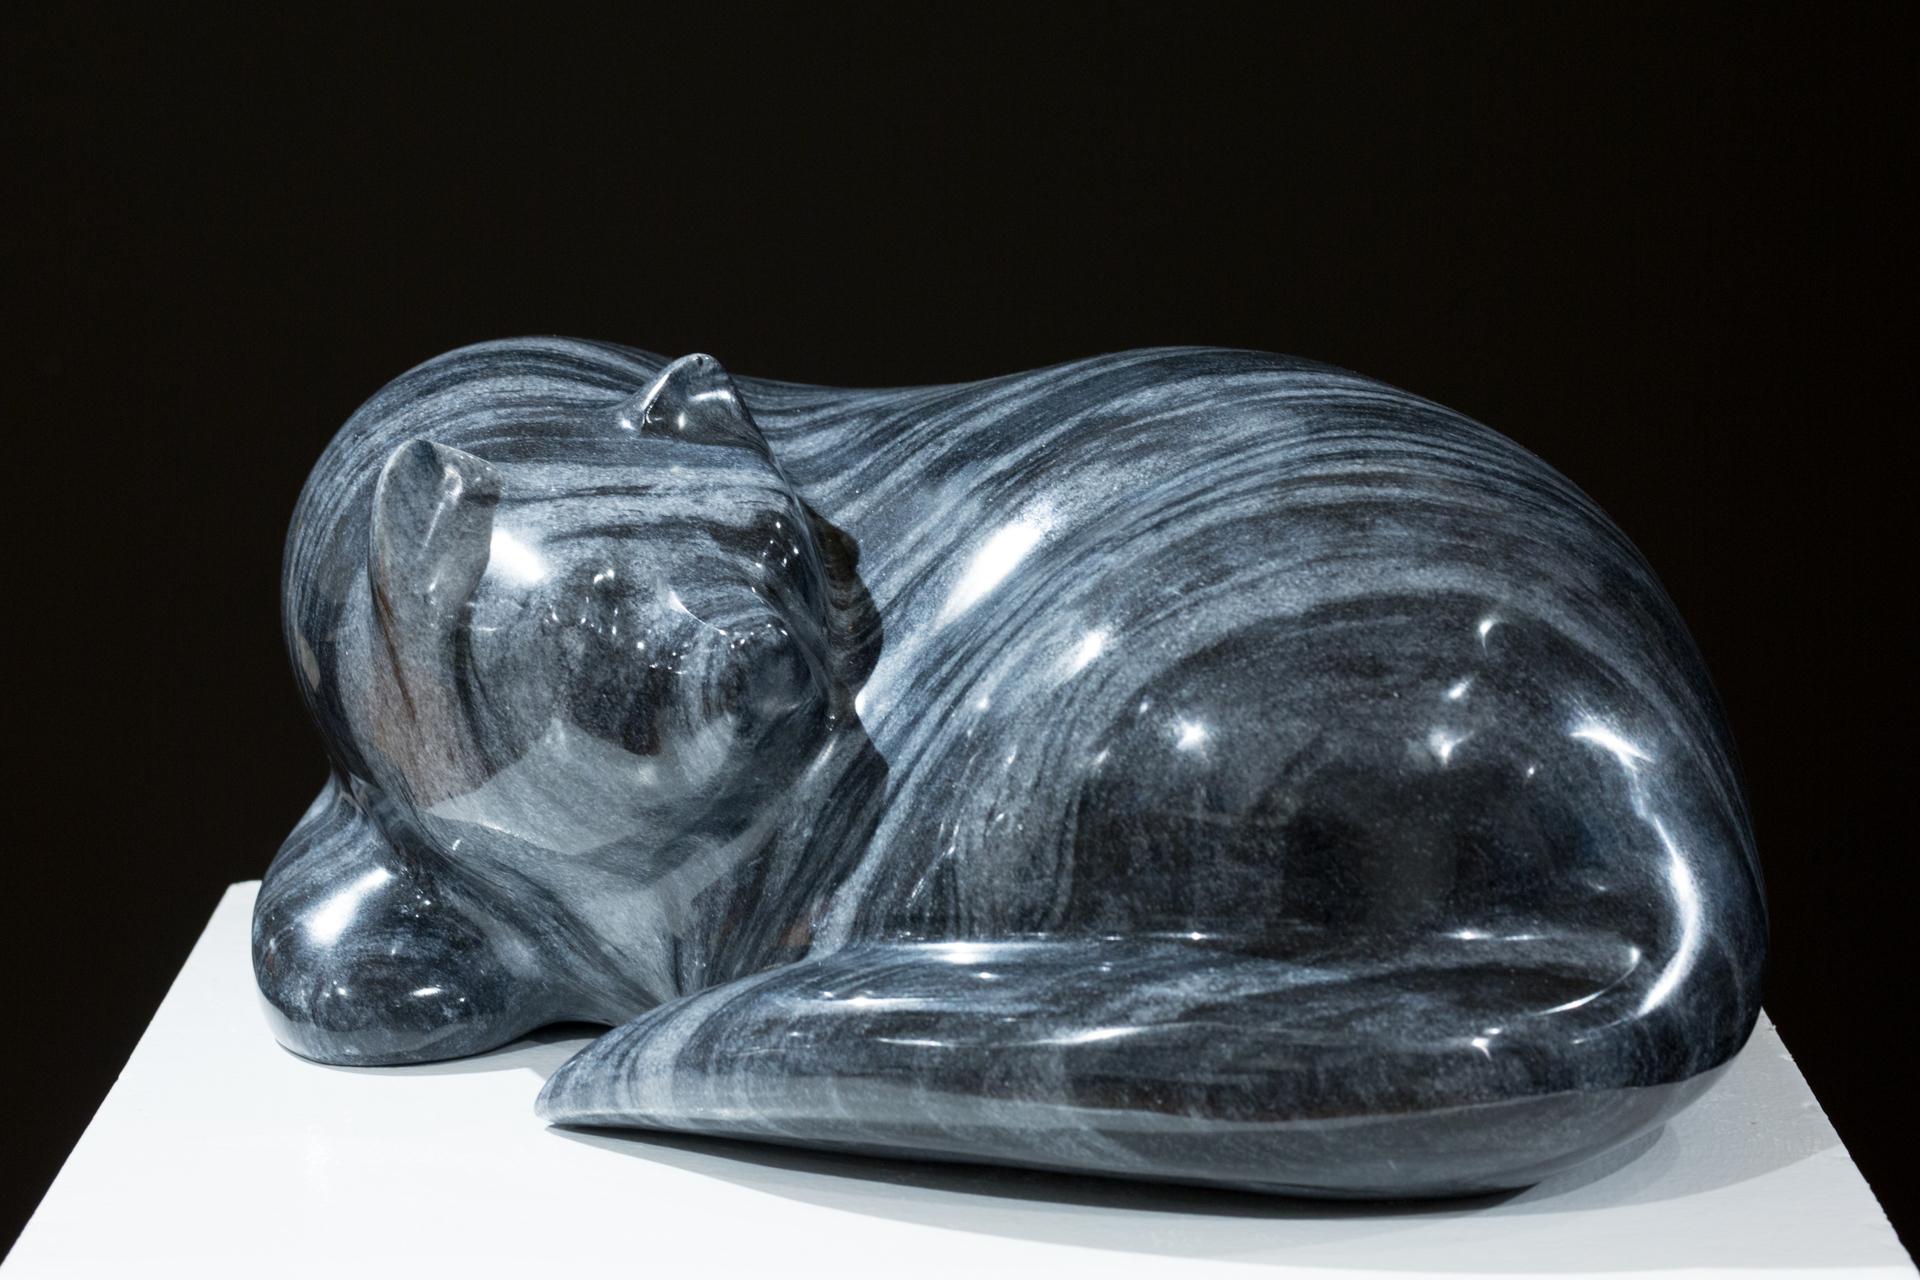 Sleeping Cat by Gert Olsen